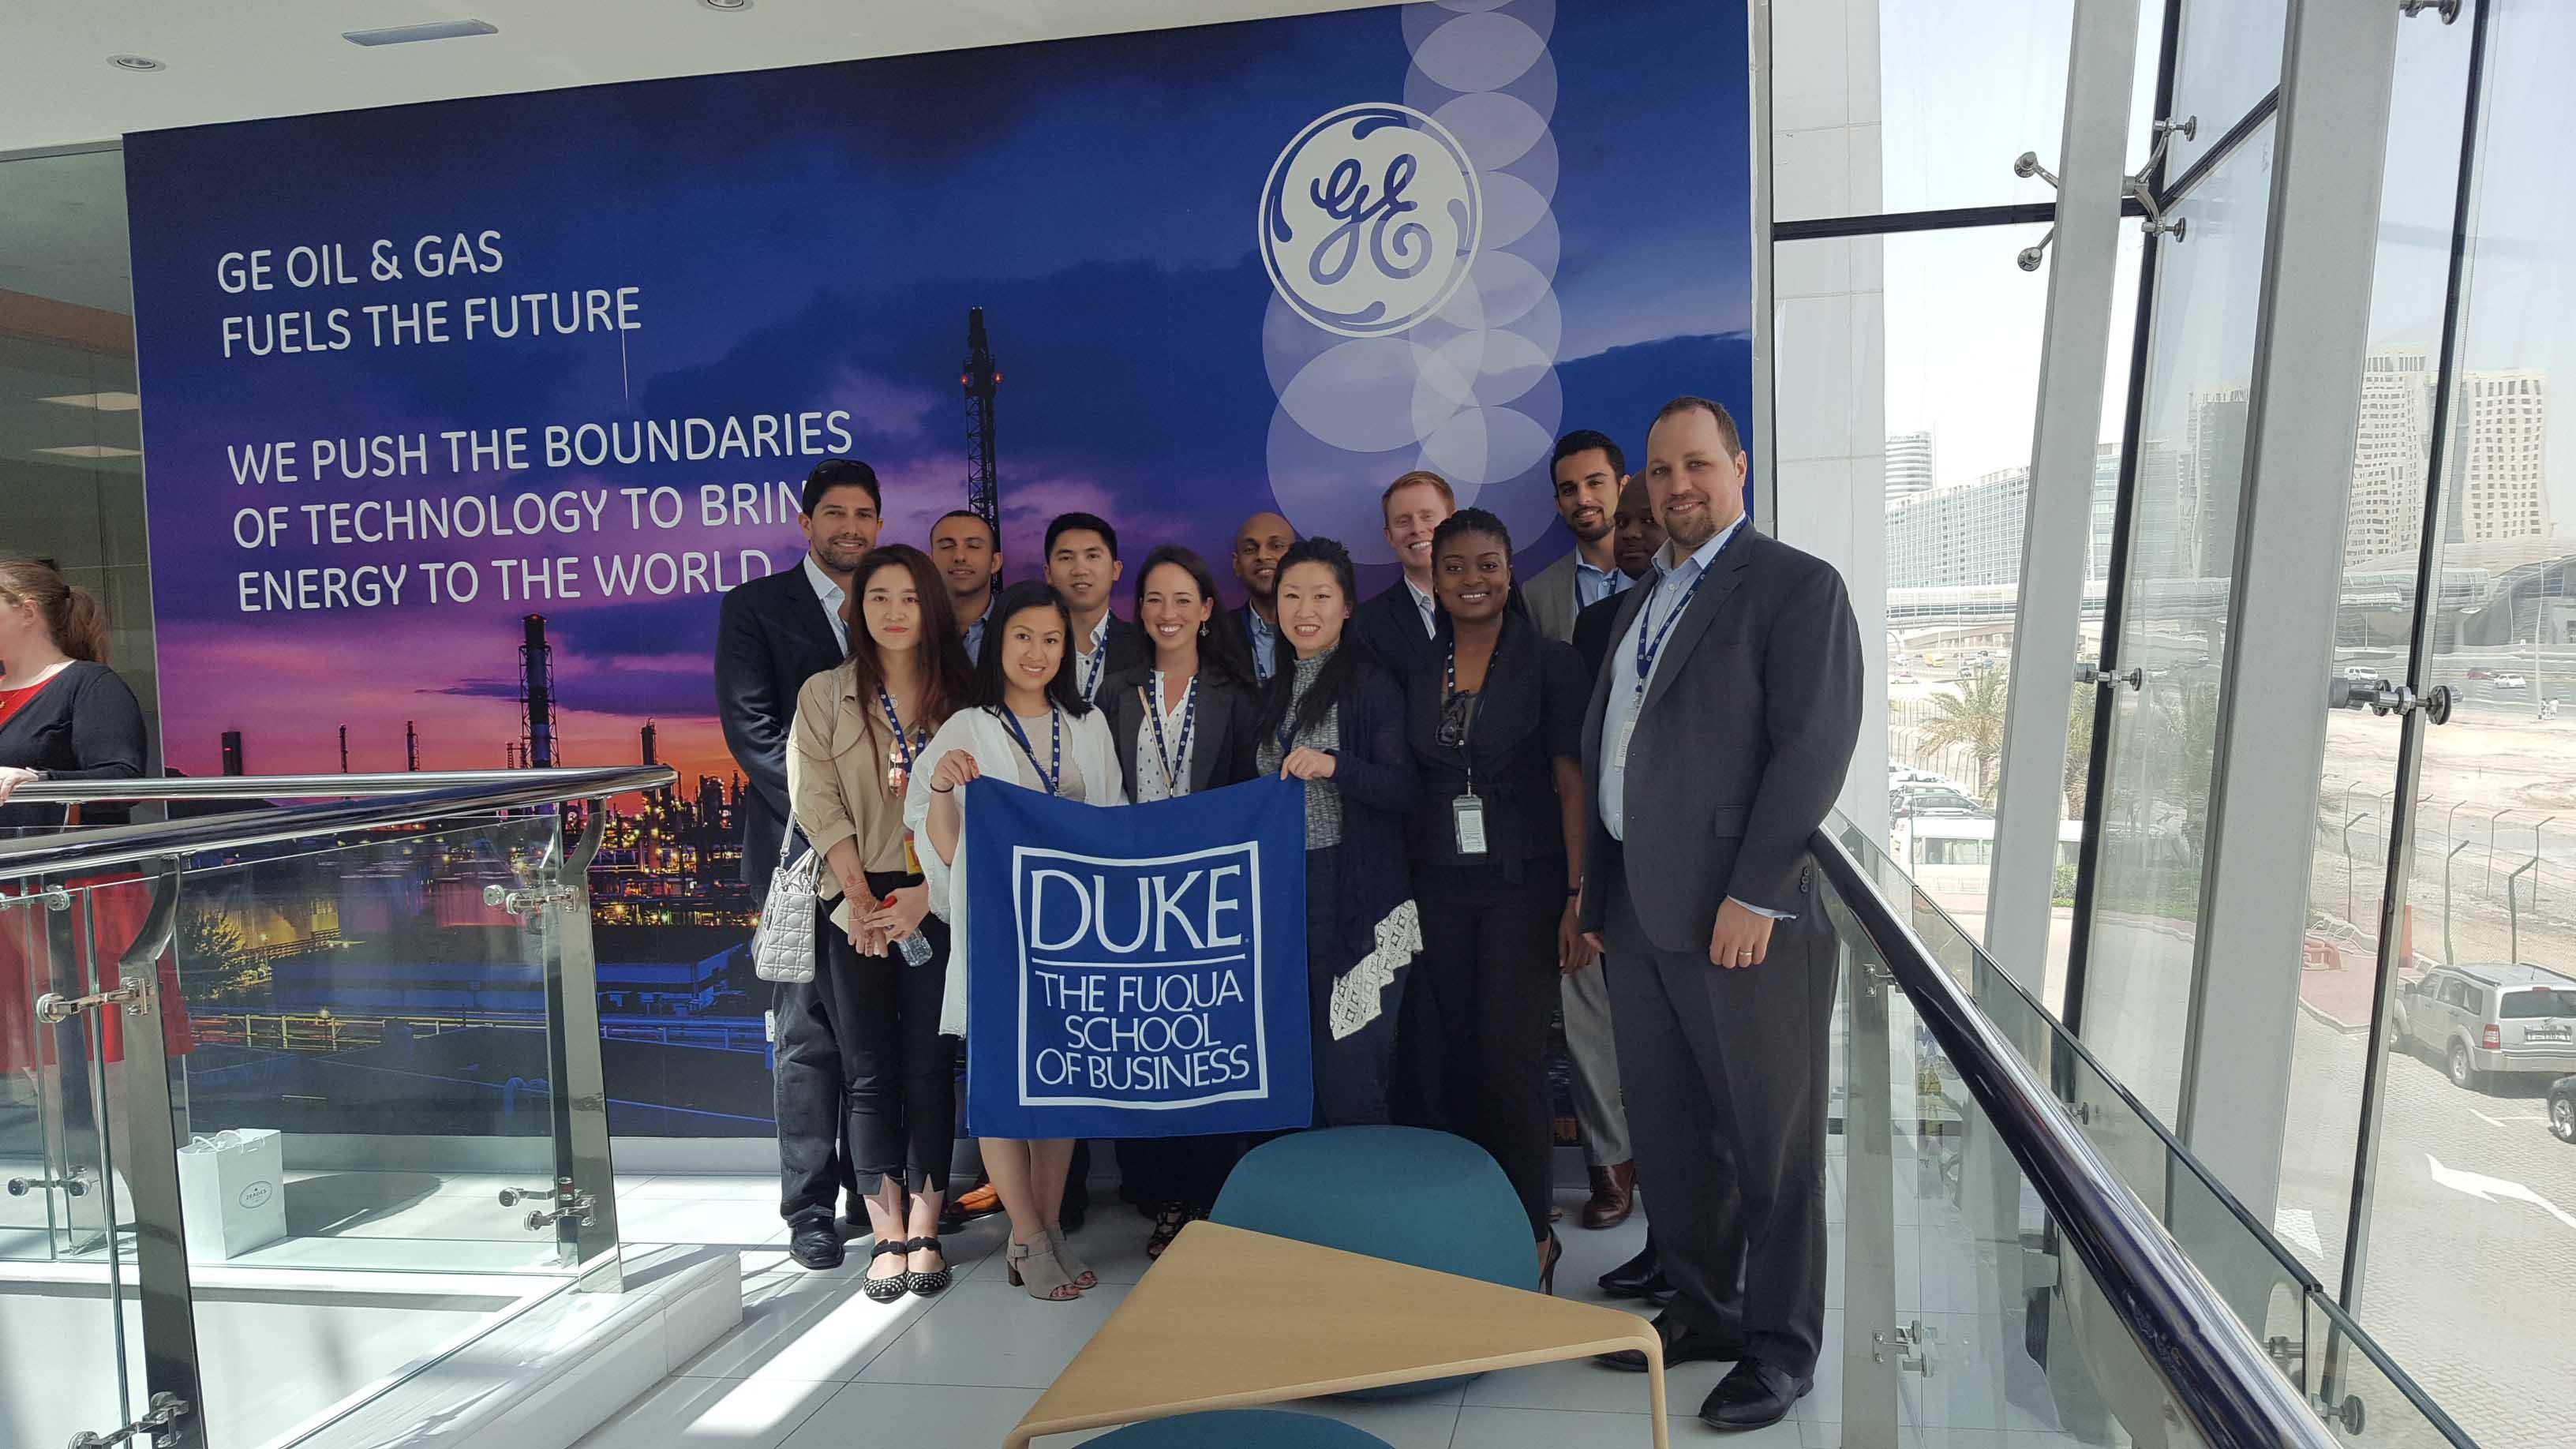 How to Do Dubai Like a Pro - Duke Global Executive MBA